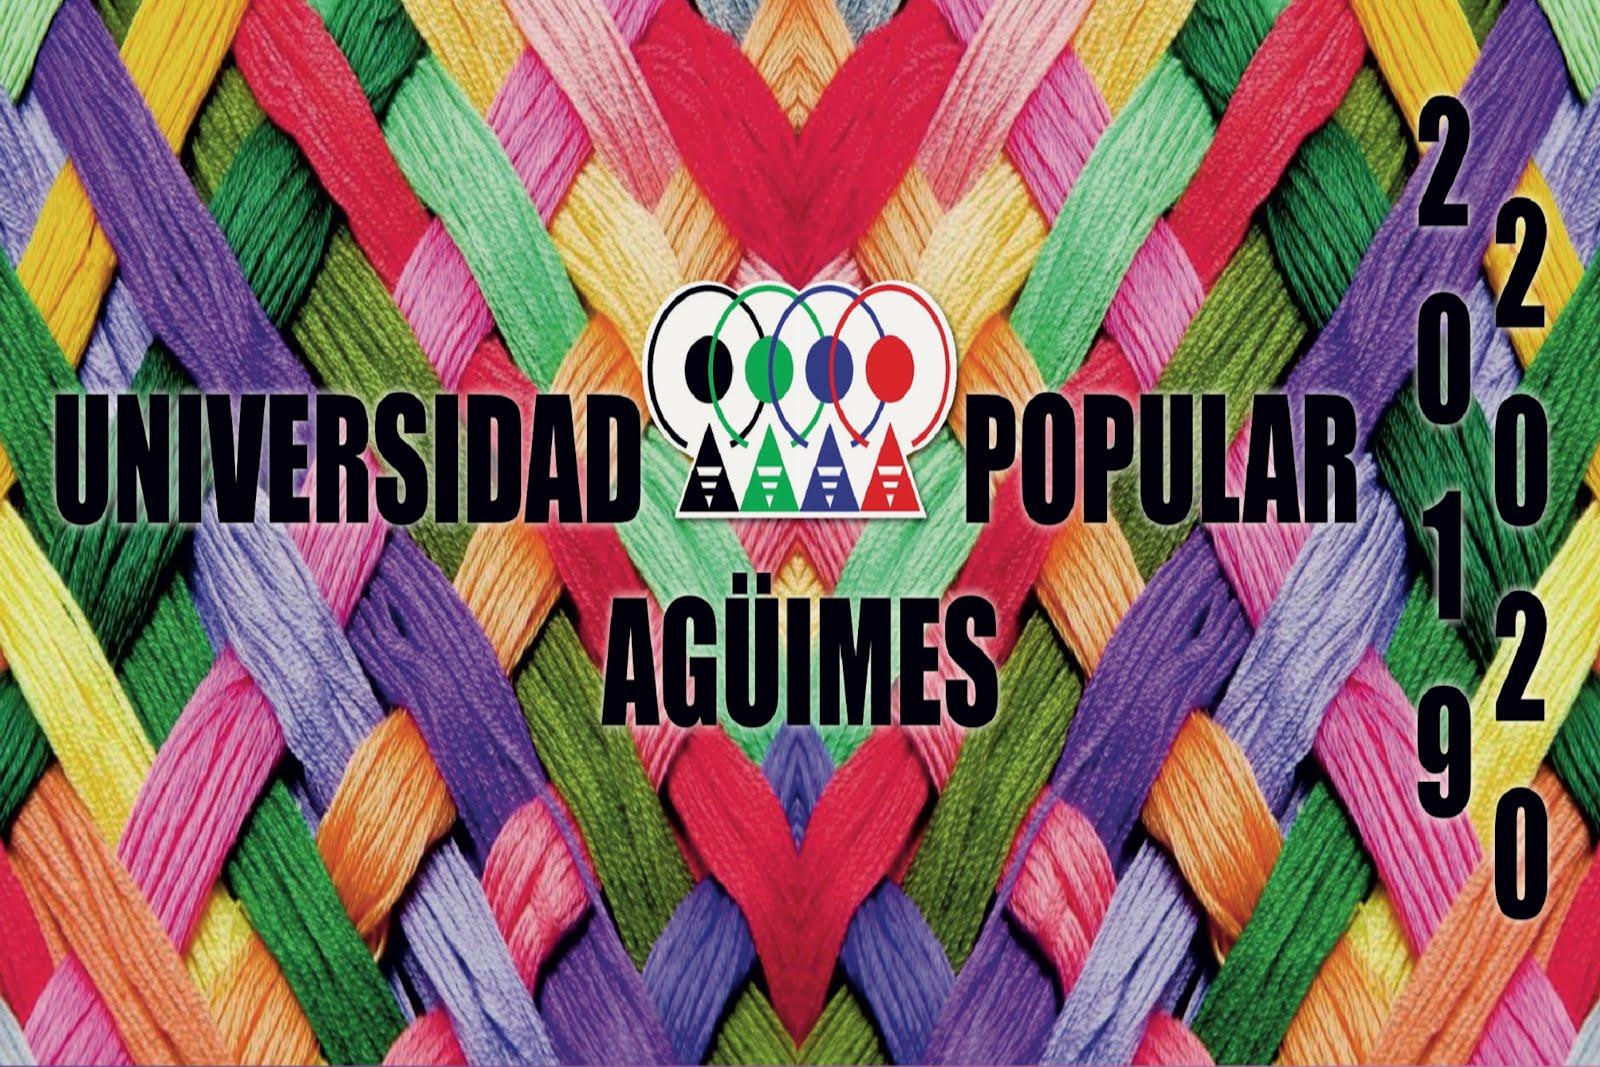 Universidad Popular de Agüimes - Curso 2019-2020